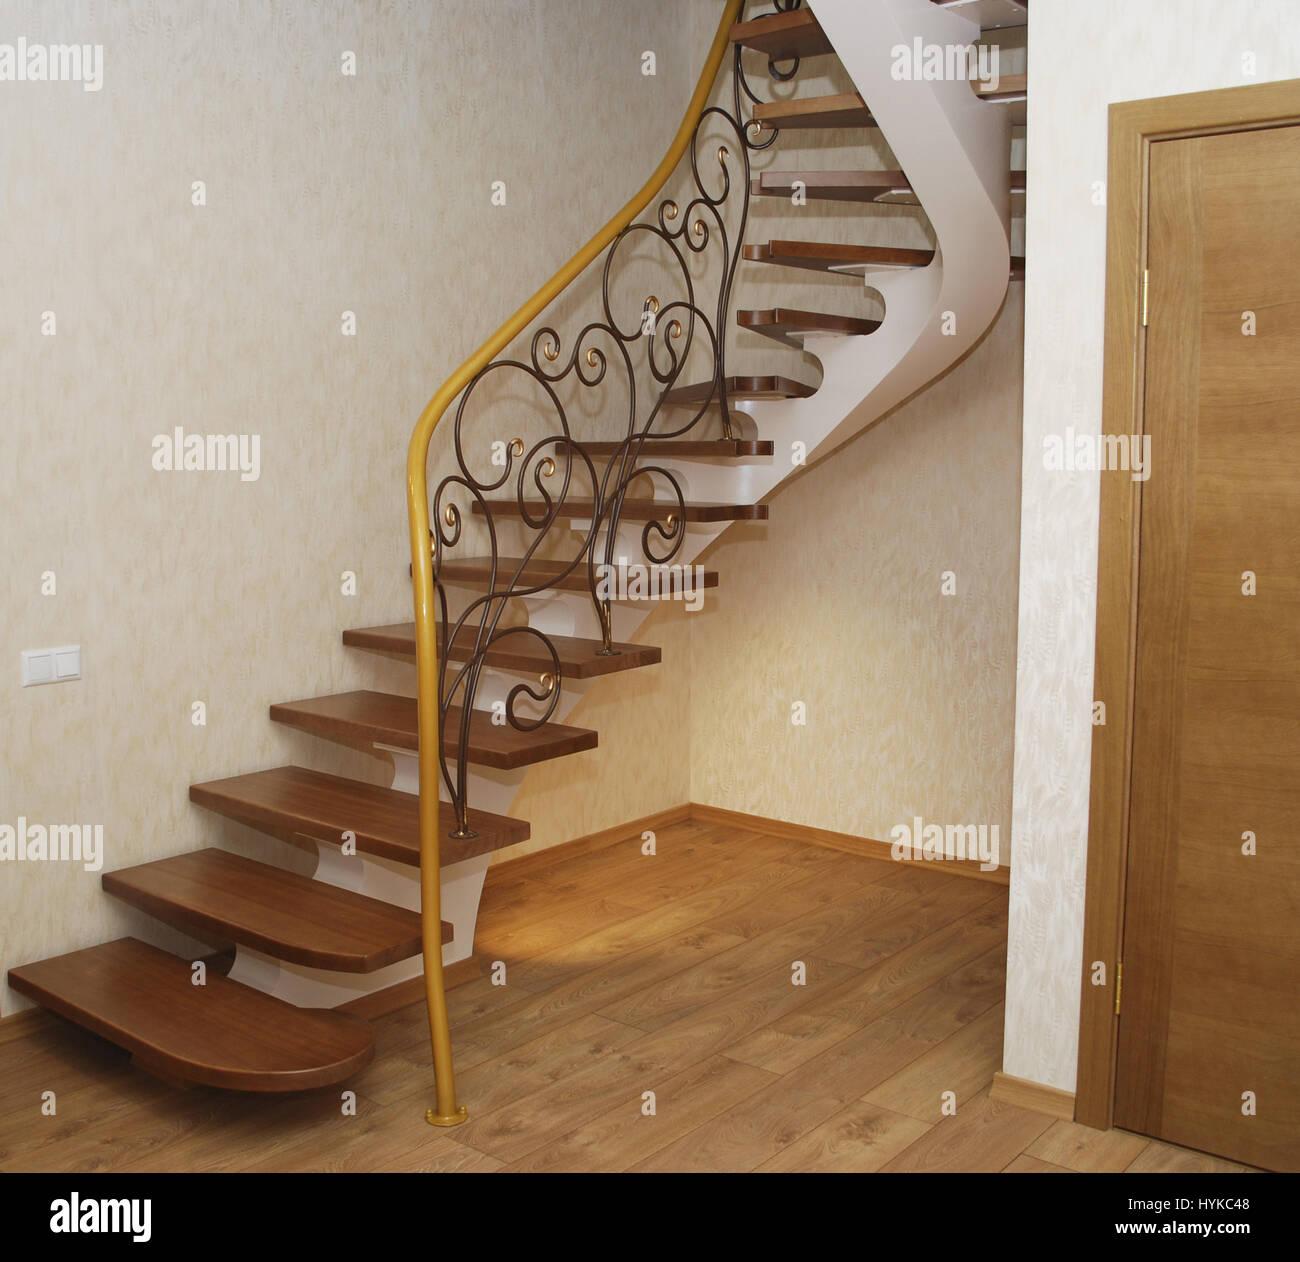 Escalier Dans La Maison chaîne métallique beige - un design pour la construction de